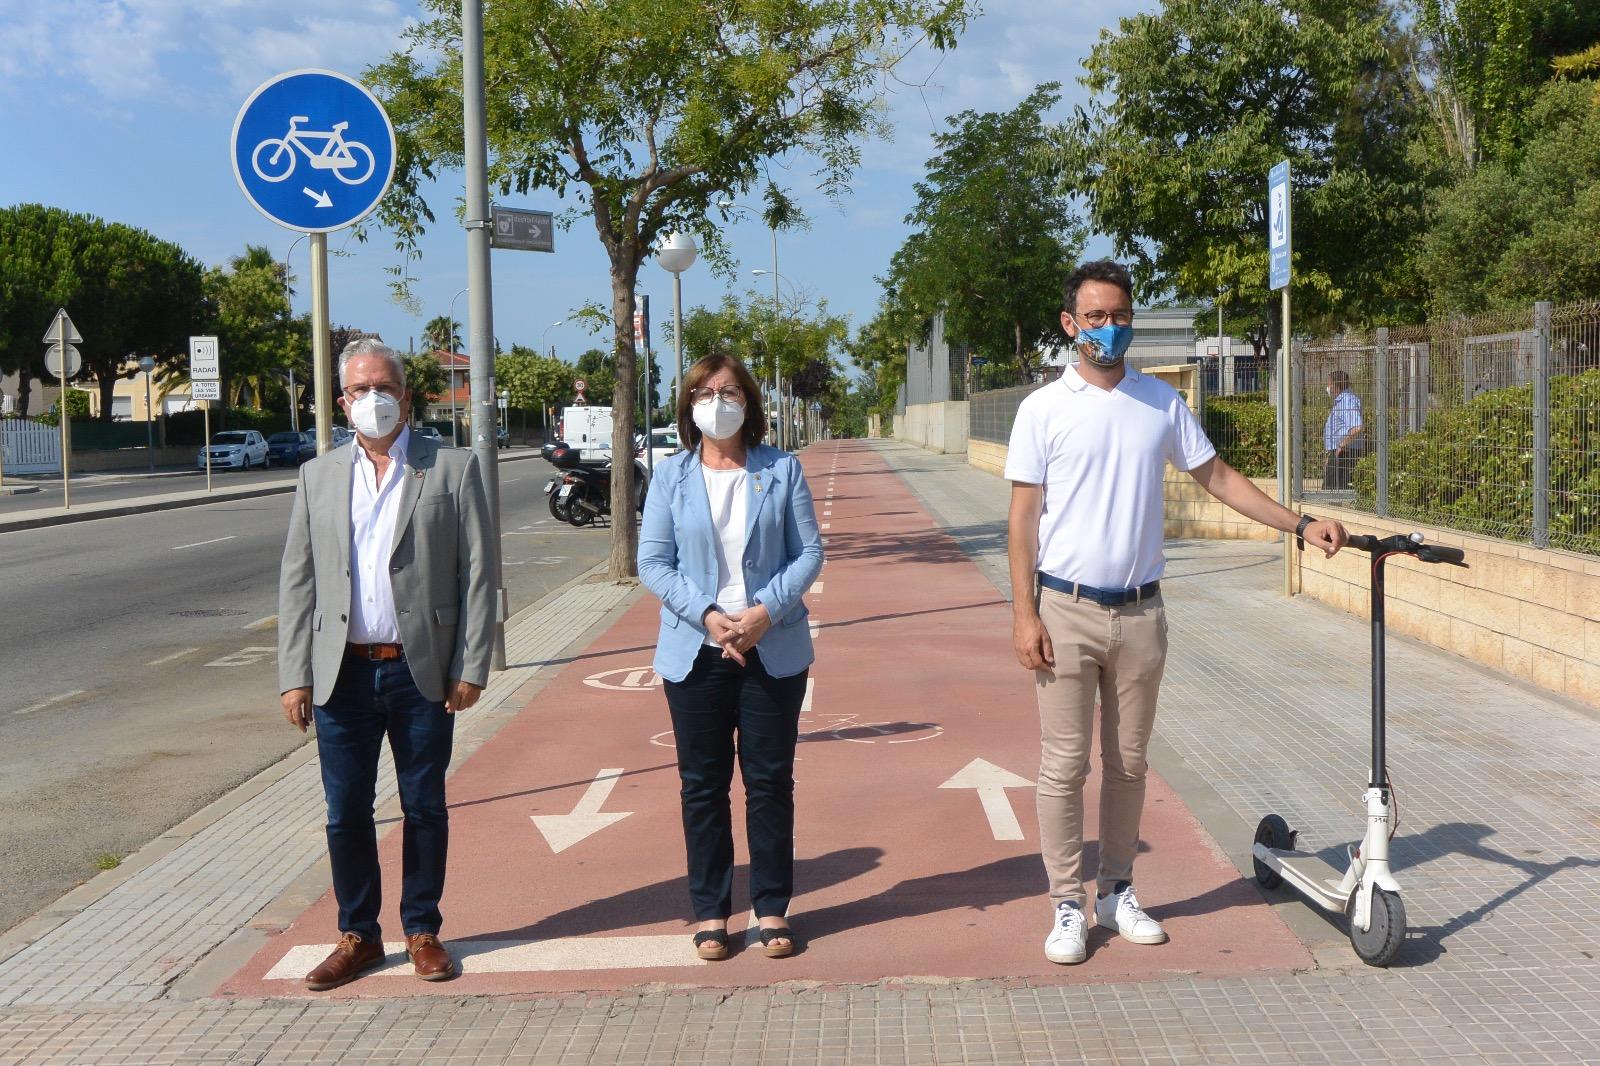 Salou Cambrils Y Vila Seca Presentan Las Bases Para Una Futura Normativa Que Regulará El Uso De Los Patinetes Eléctricos Y Bicicletas Asistidas Ayuntamiento De Salou